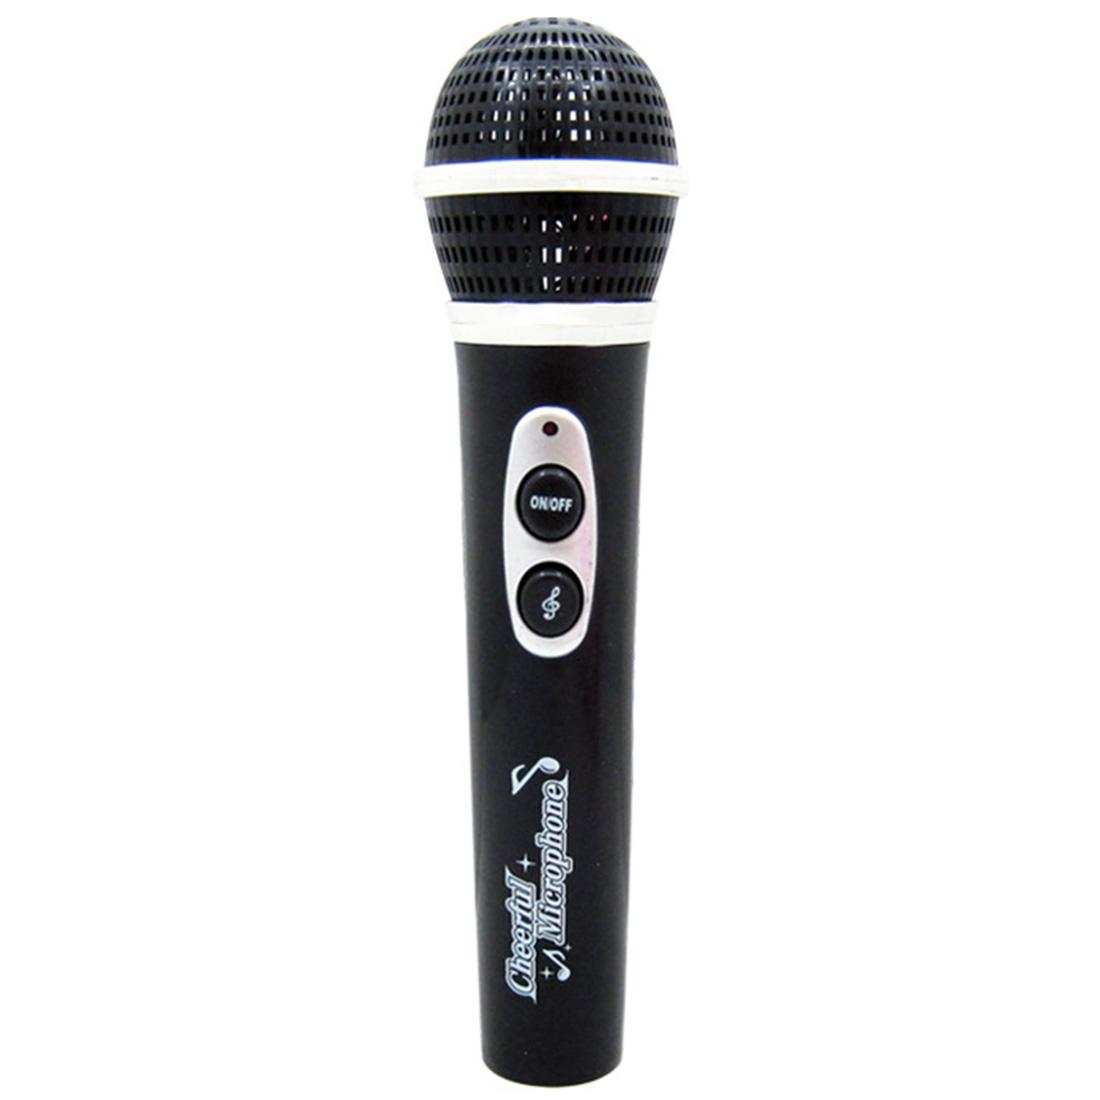 achetez en gros enfants jouet microphone en ligne des grossistes enfants jouet microphone. Black Bedroom Furniture Sets. Home Design Ideas